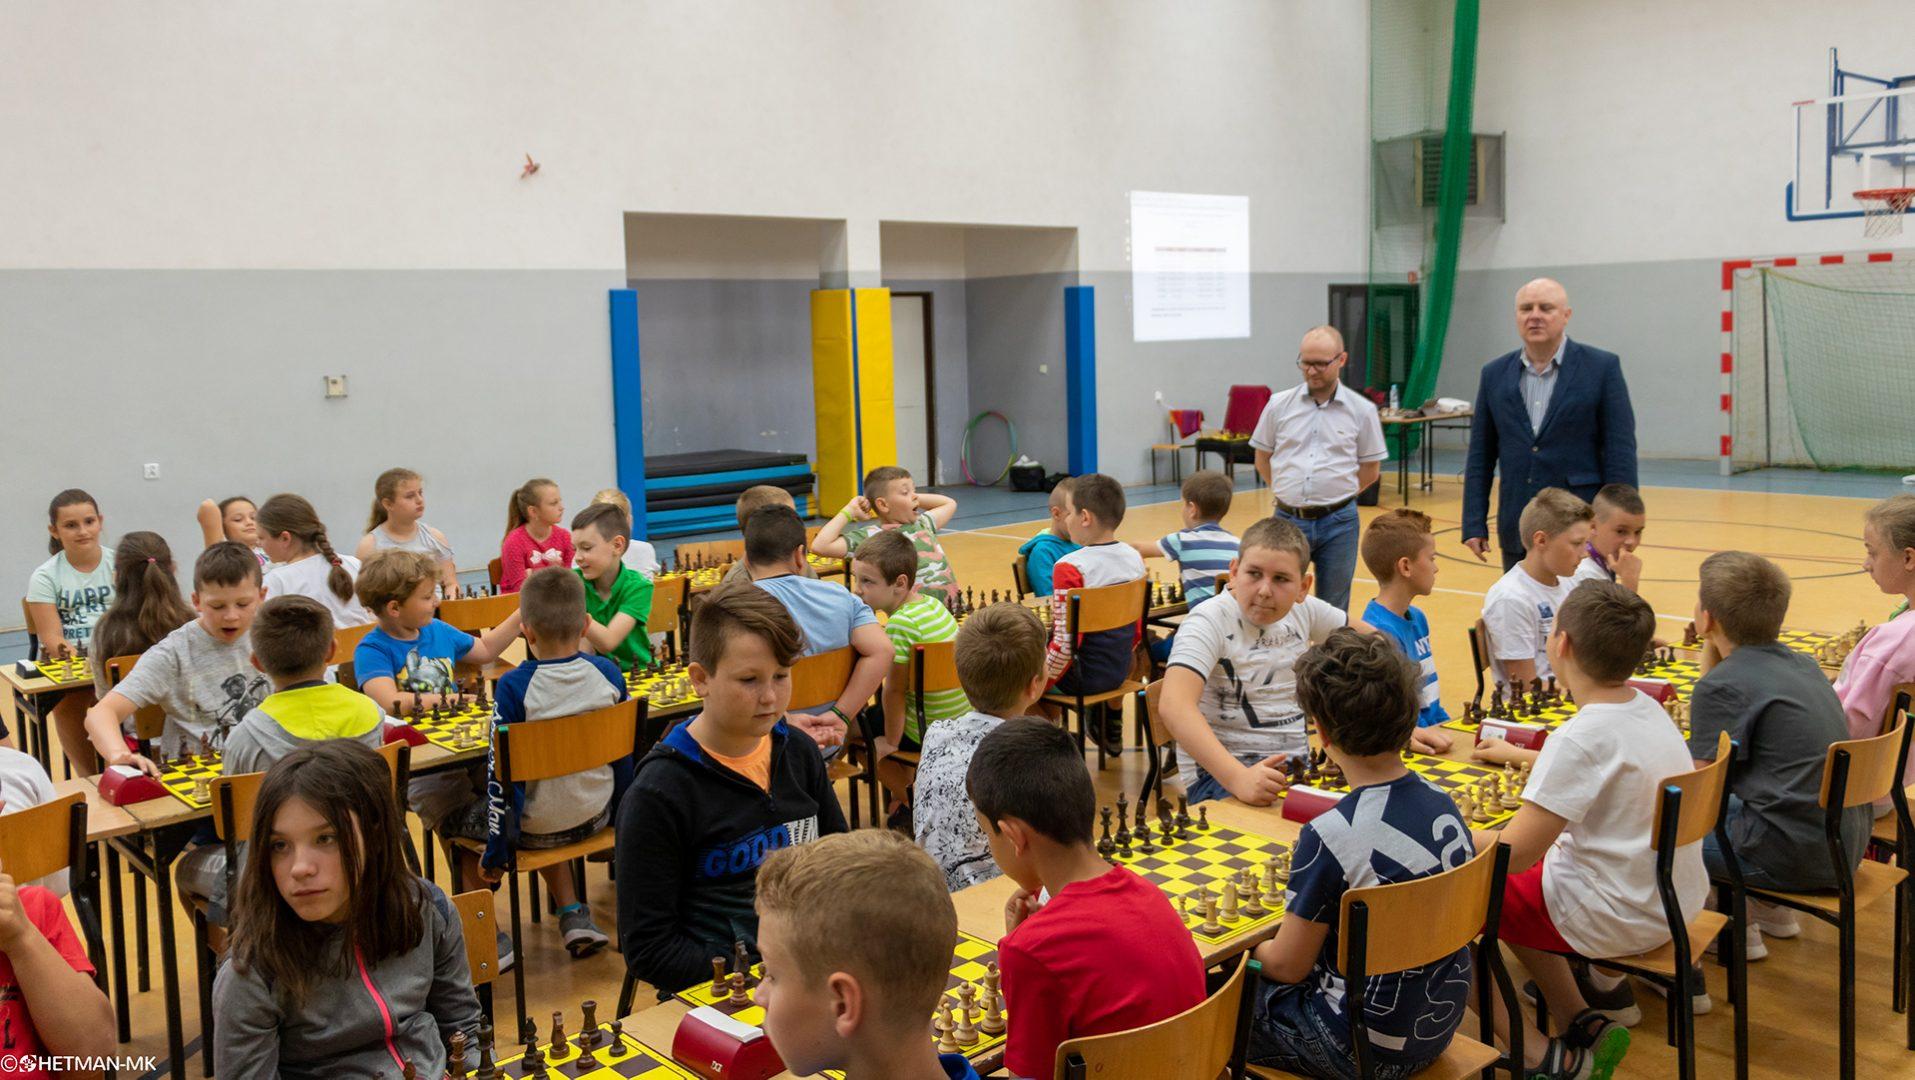 VII Szachowe Mistrzostwa Szkoły Podstawowej w Jaworzynie Śląskiej, 13.06.2019